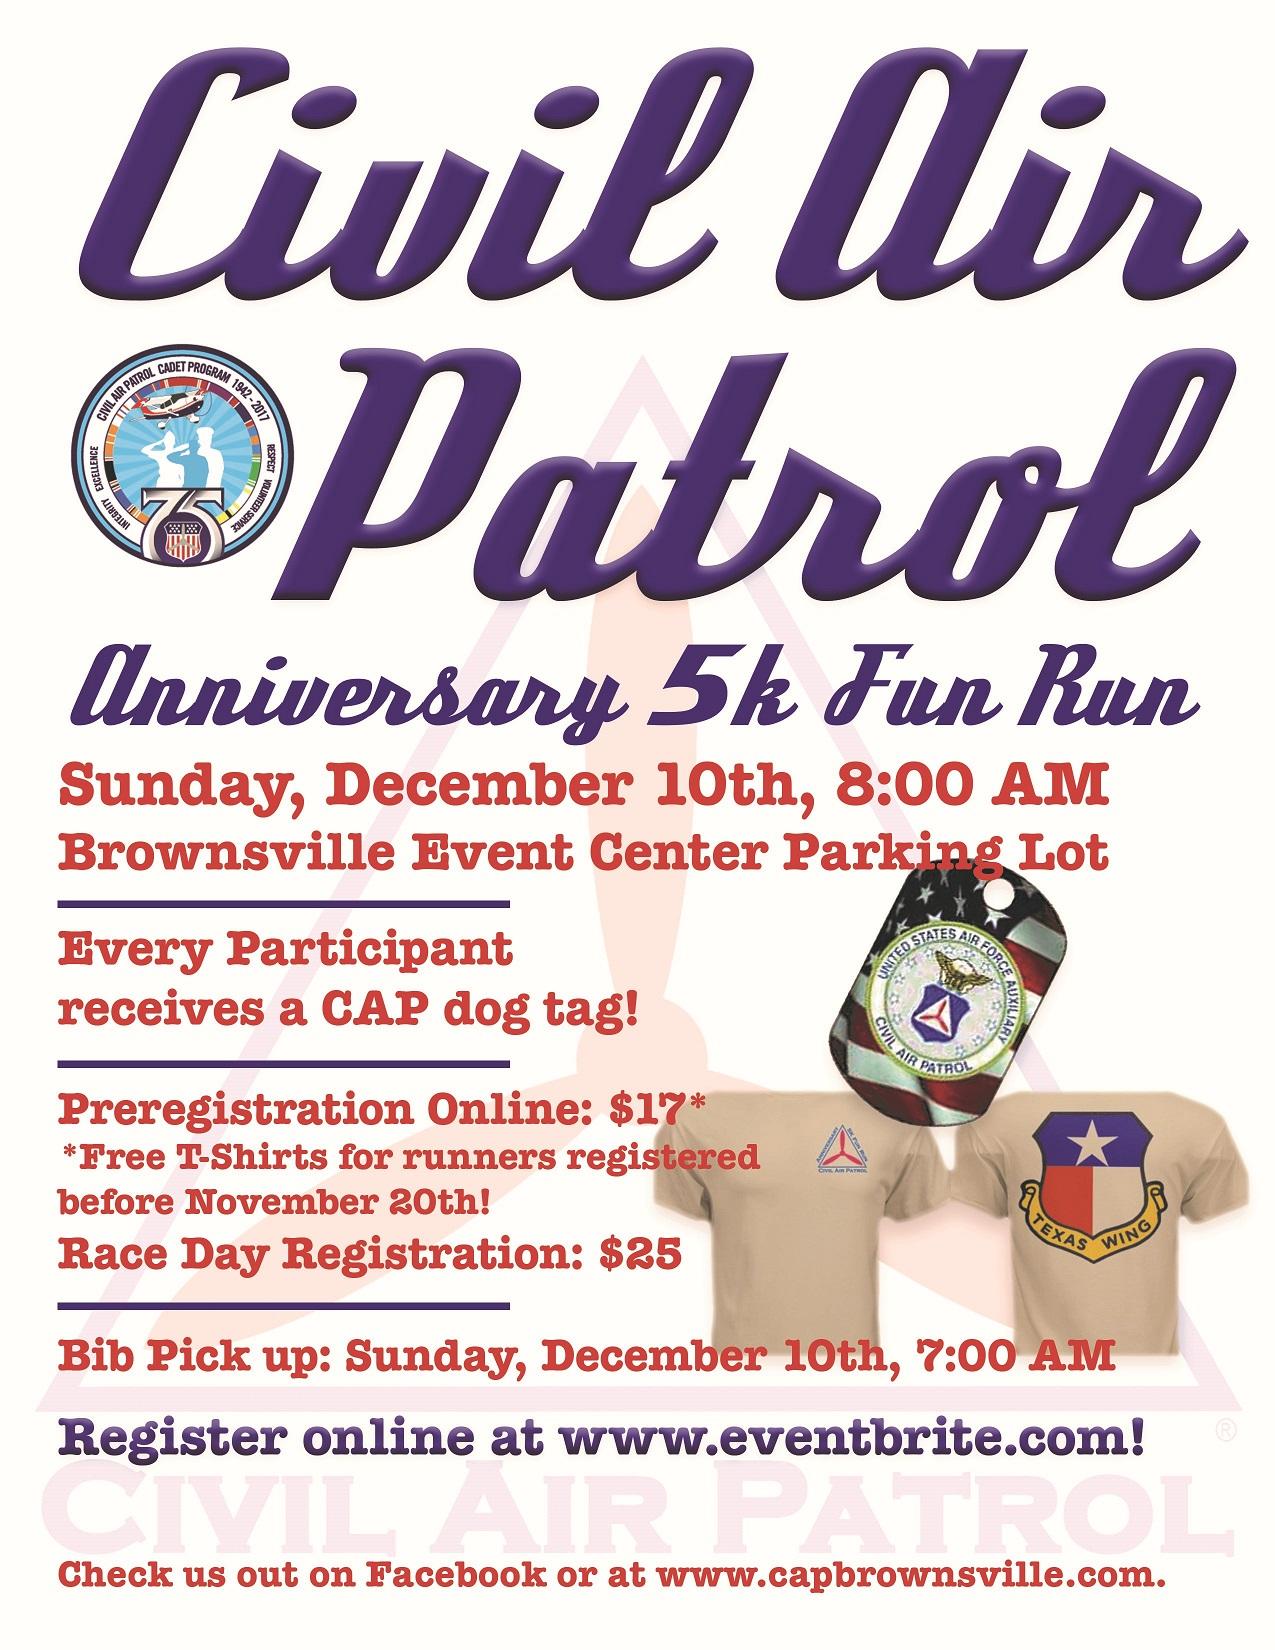 Civil Air Patrol 5k Fun Run - Dec 10th, 2017